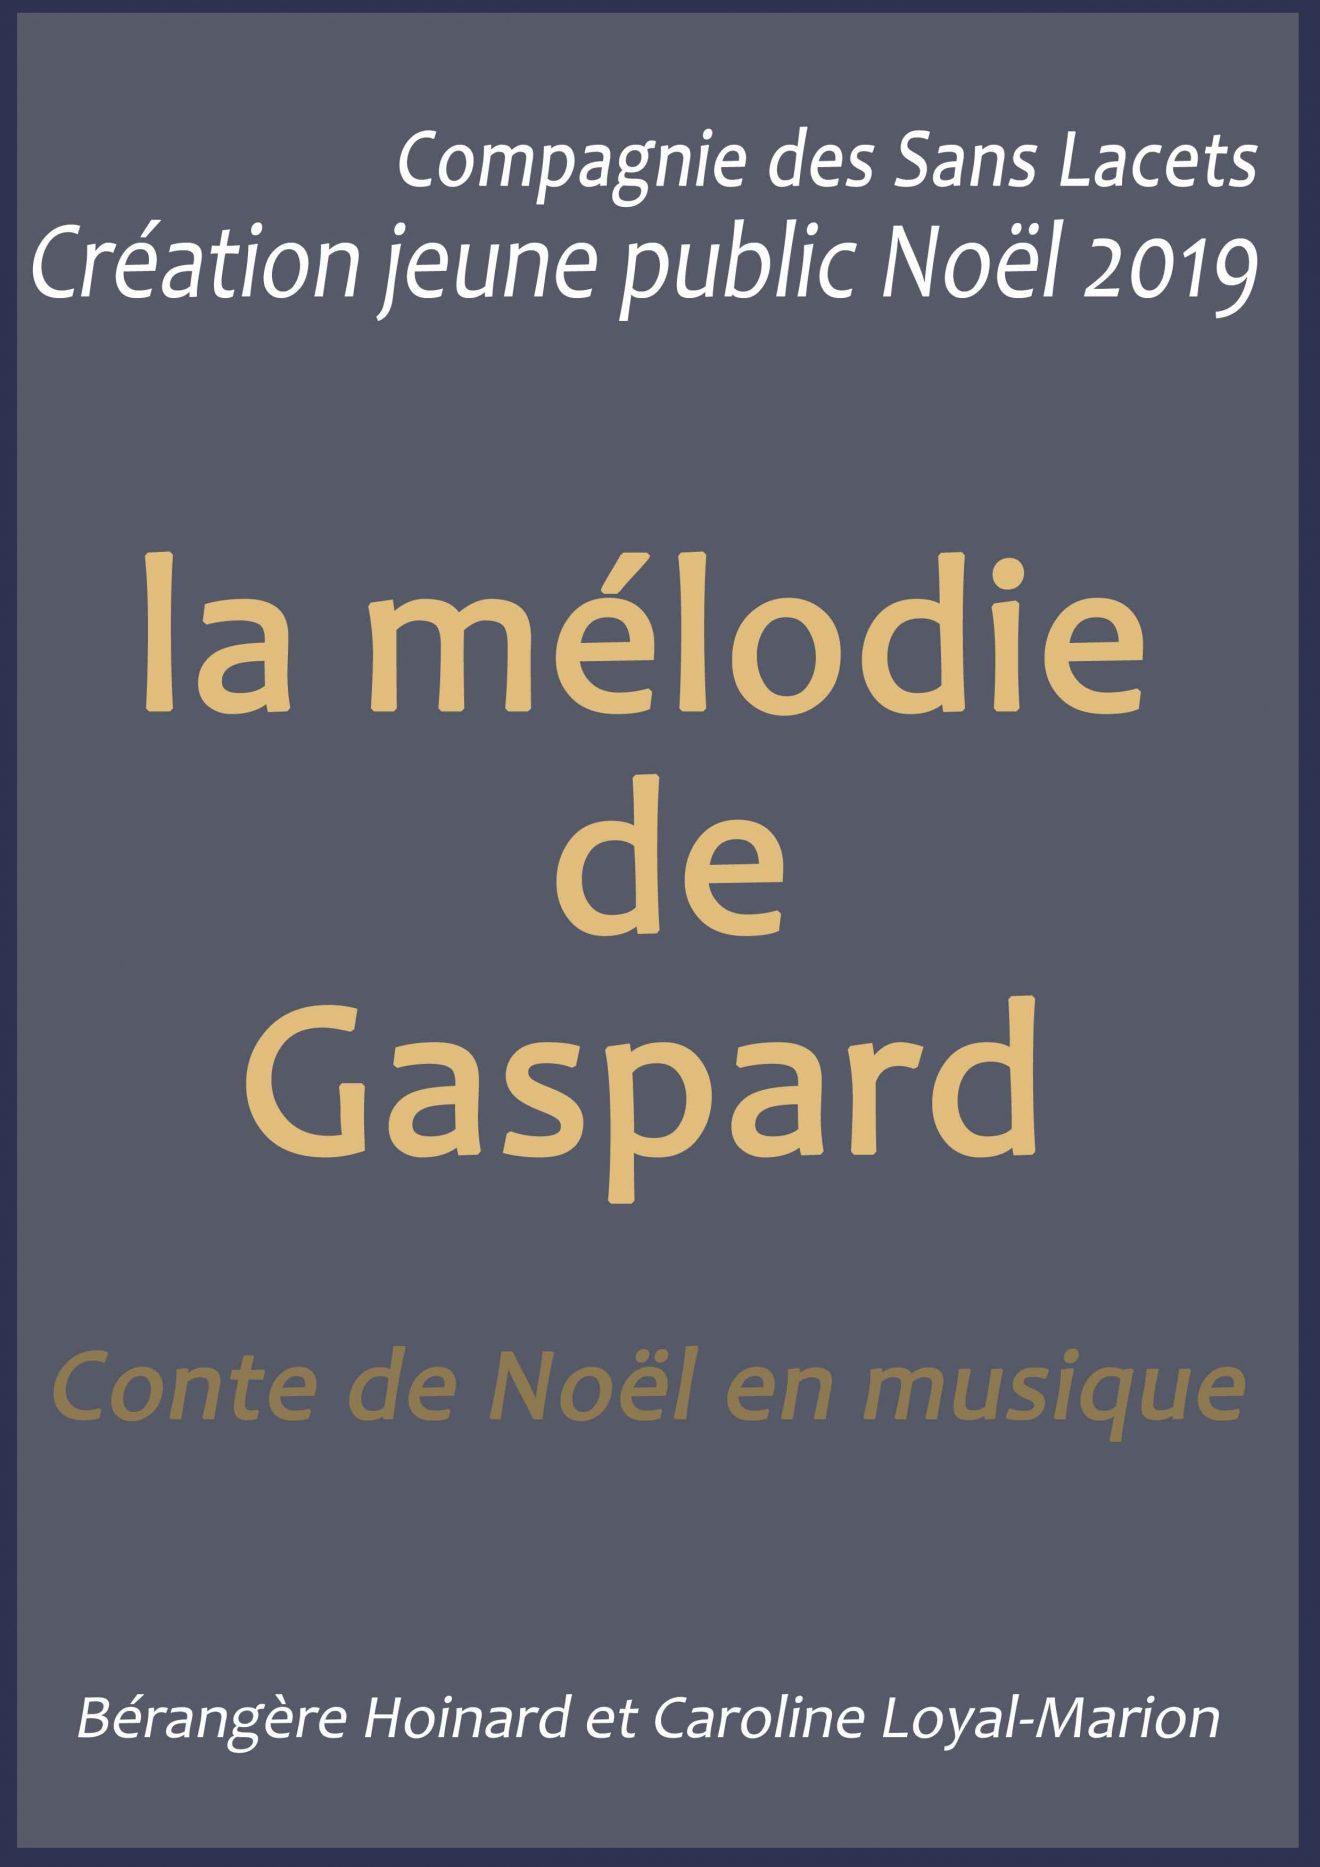 La Mélodie de Gaspard